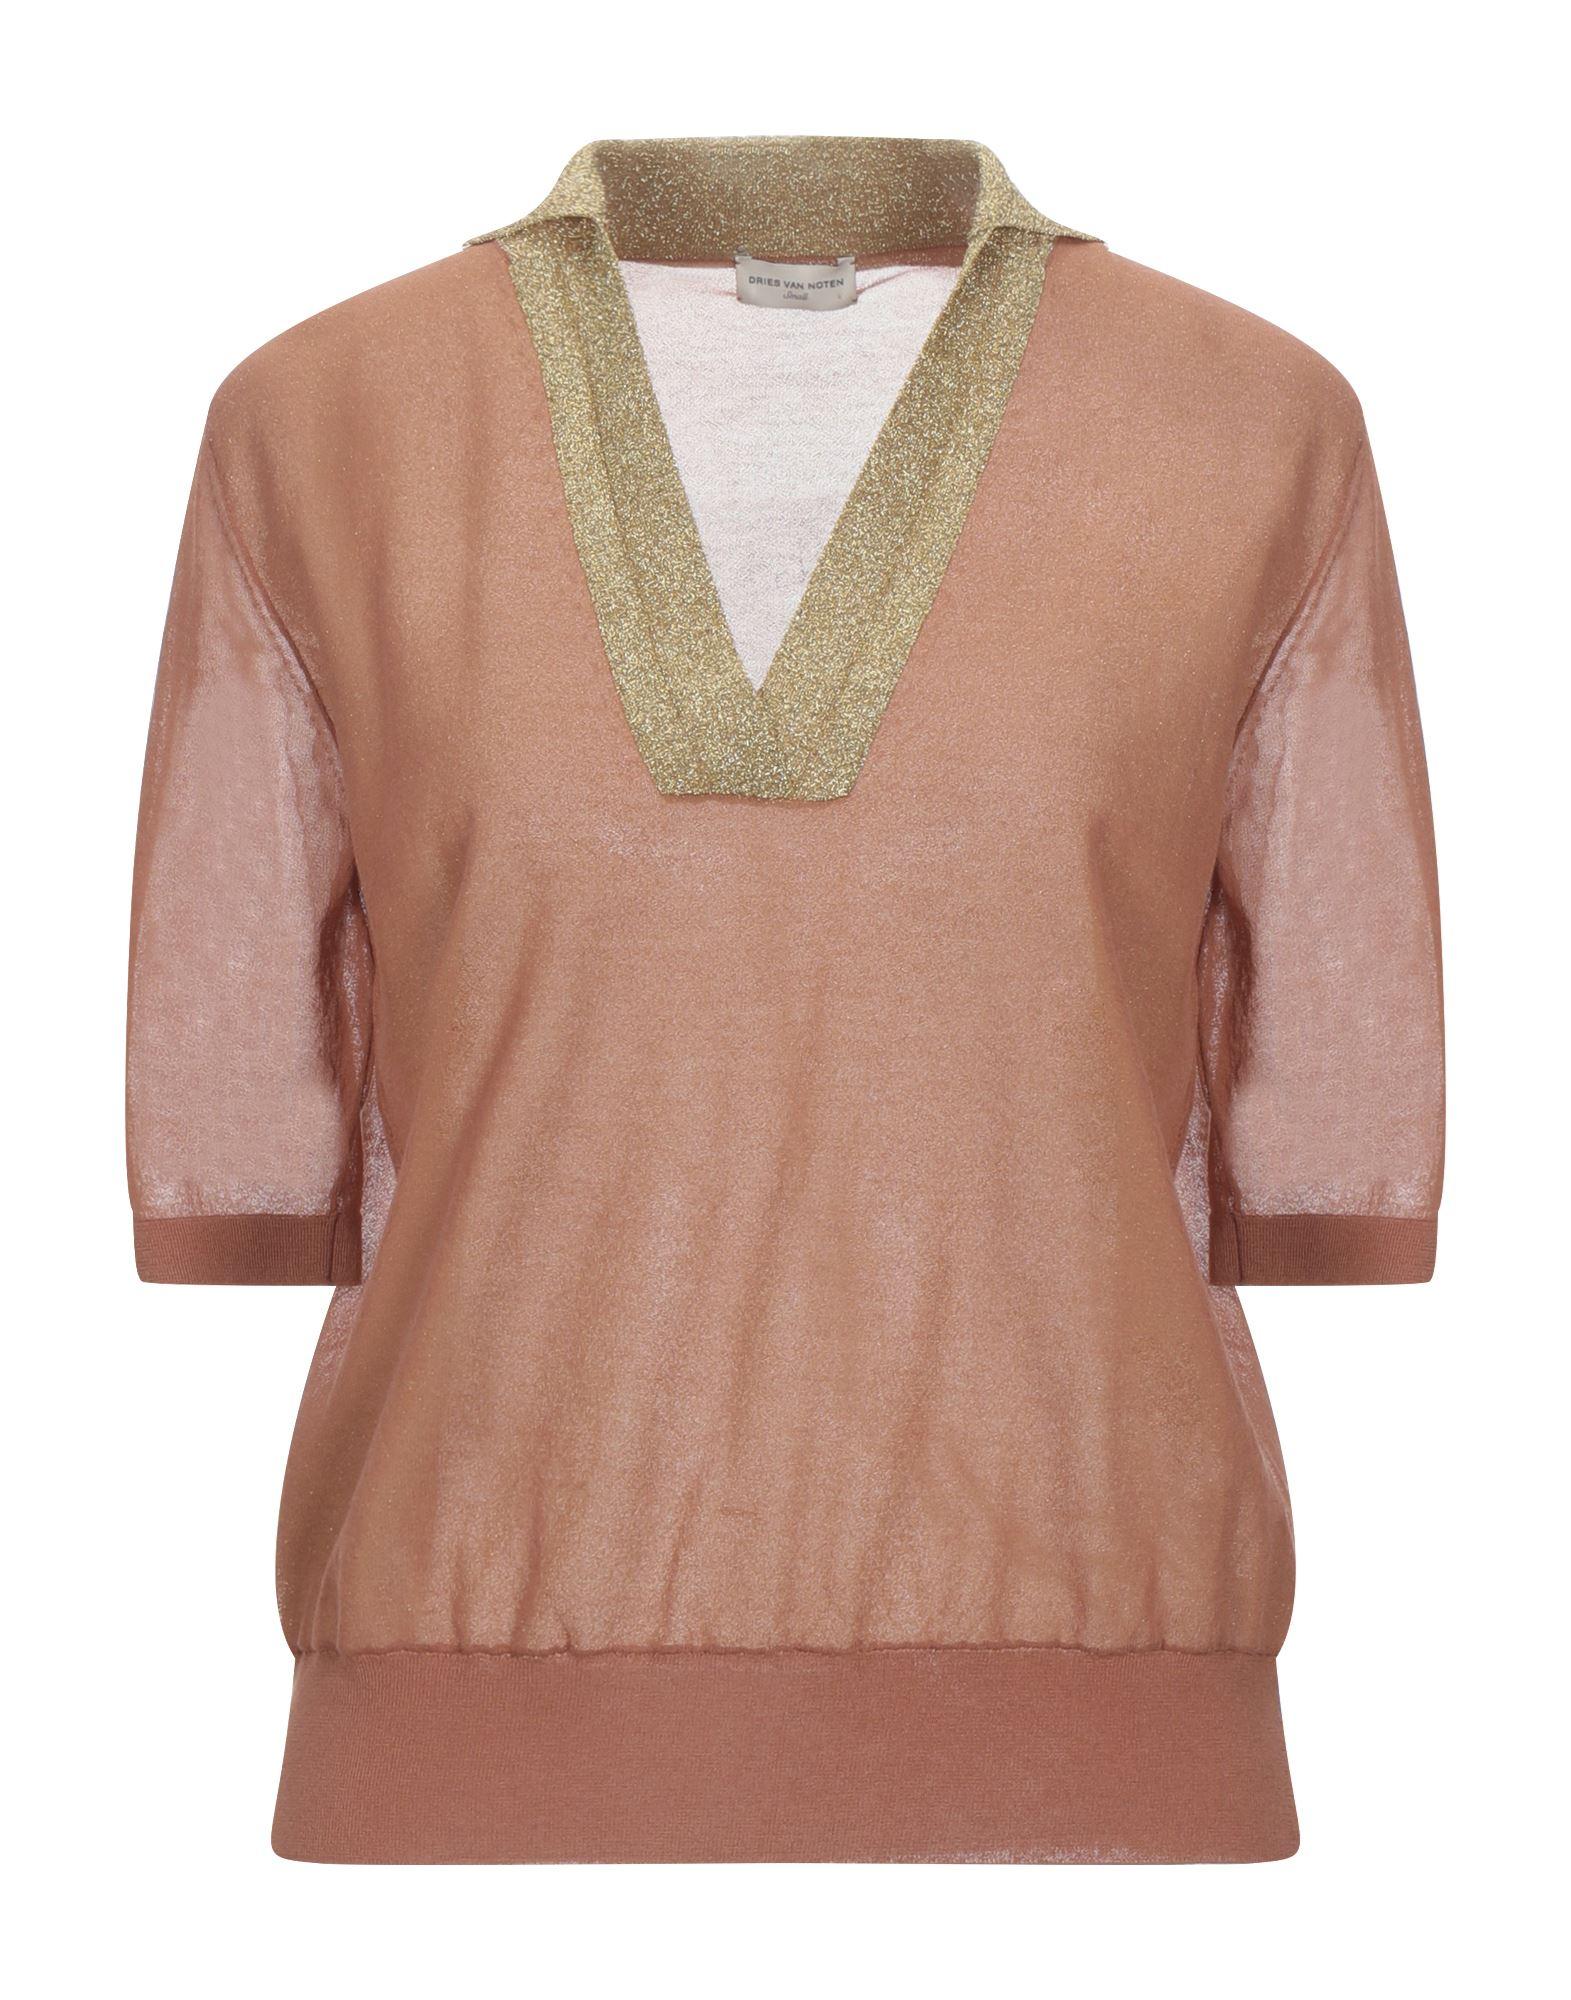 DRIES VAN NOTEN Sweaters - Item 39904844